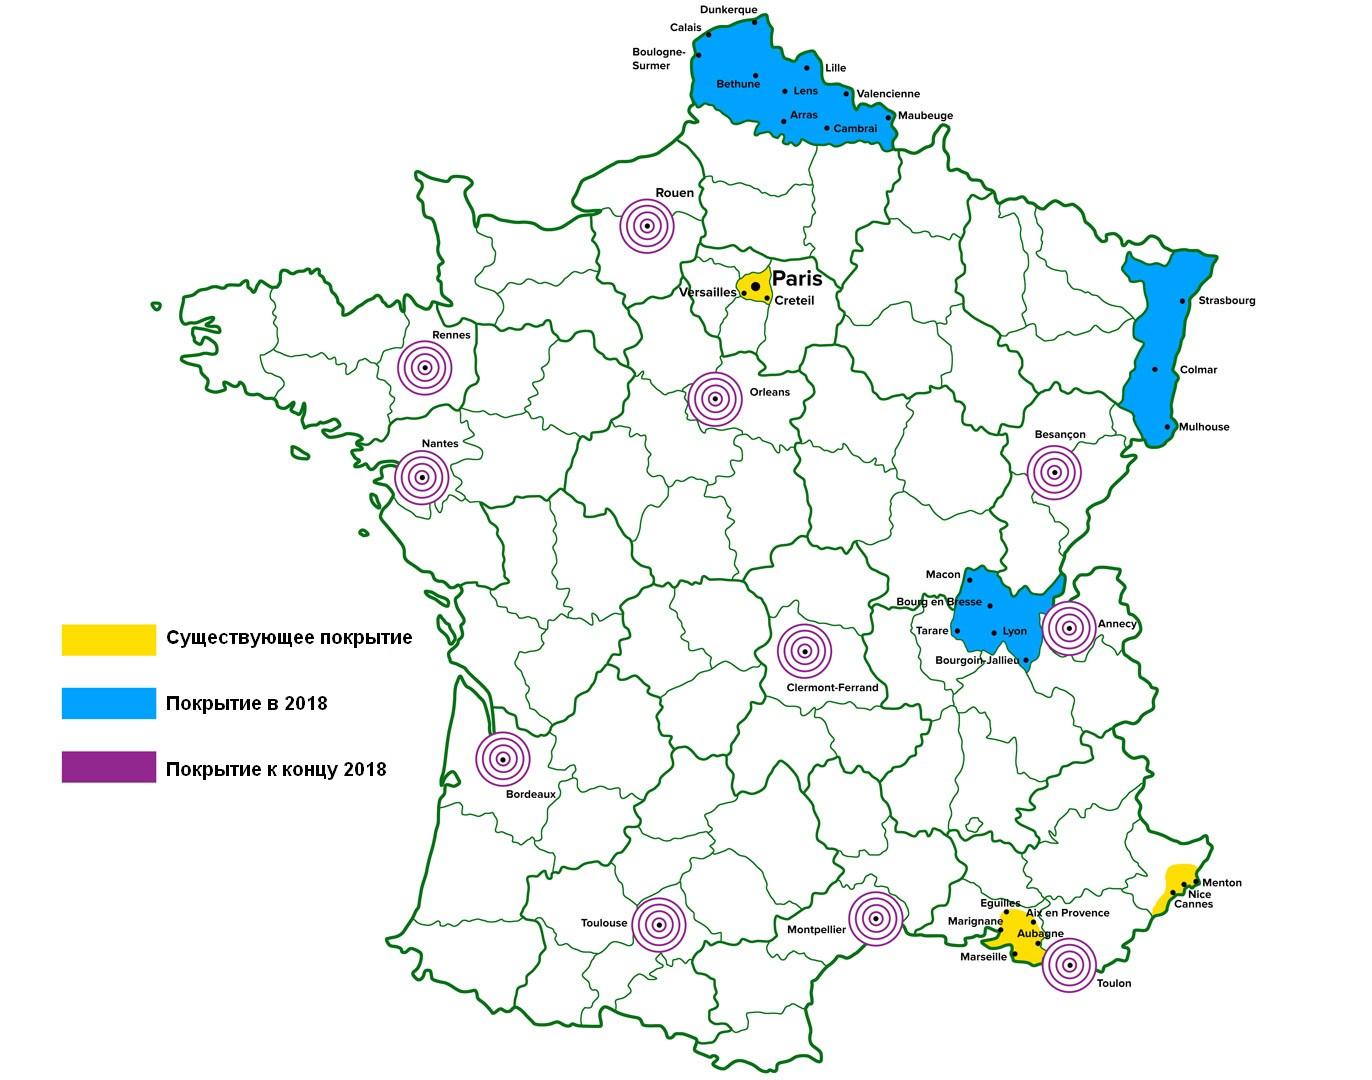 Покрытие территории Франции сигналом DAB, 2017